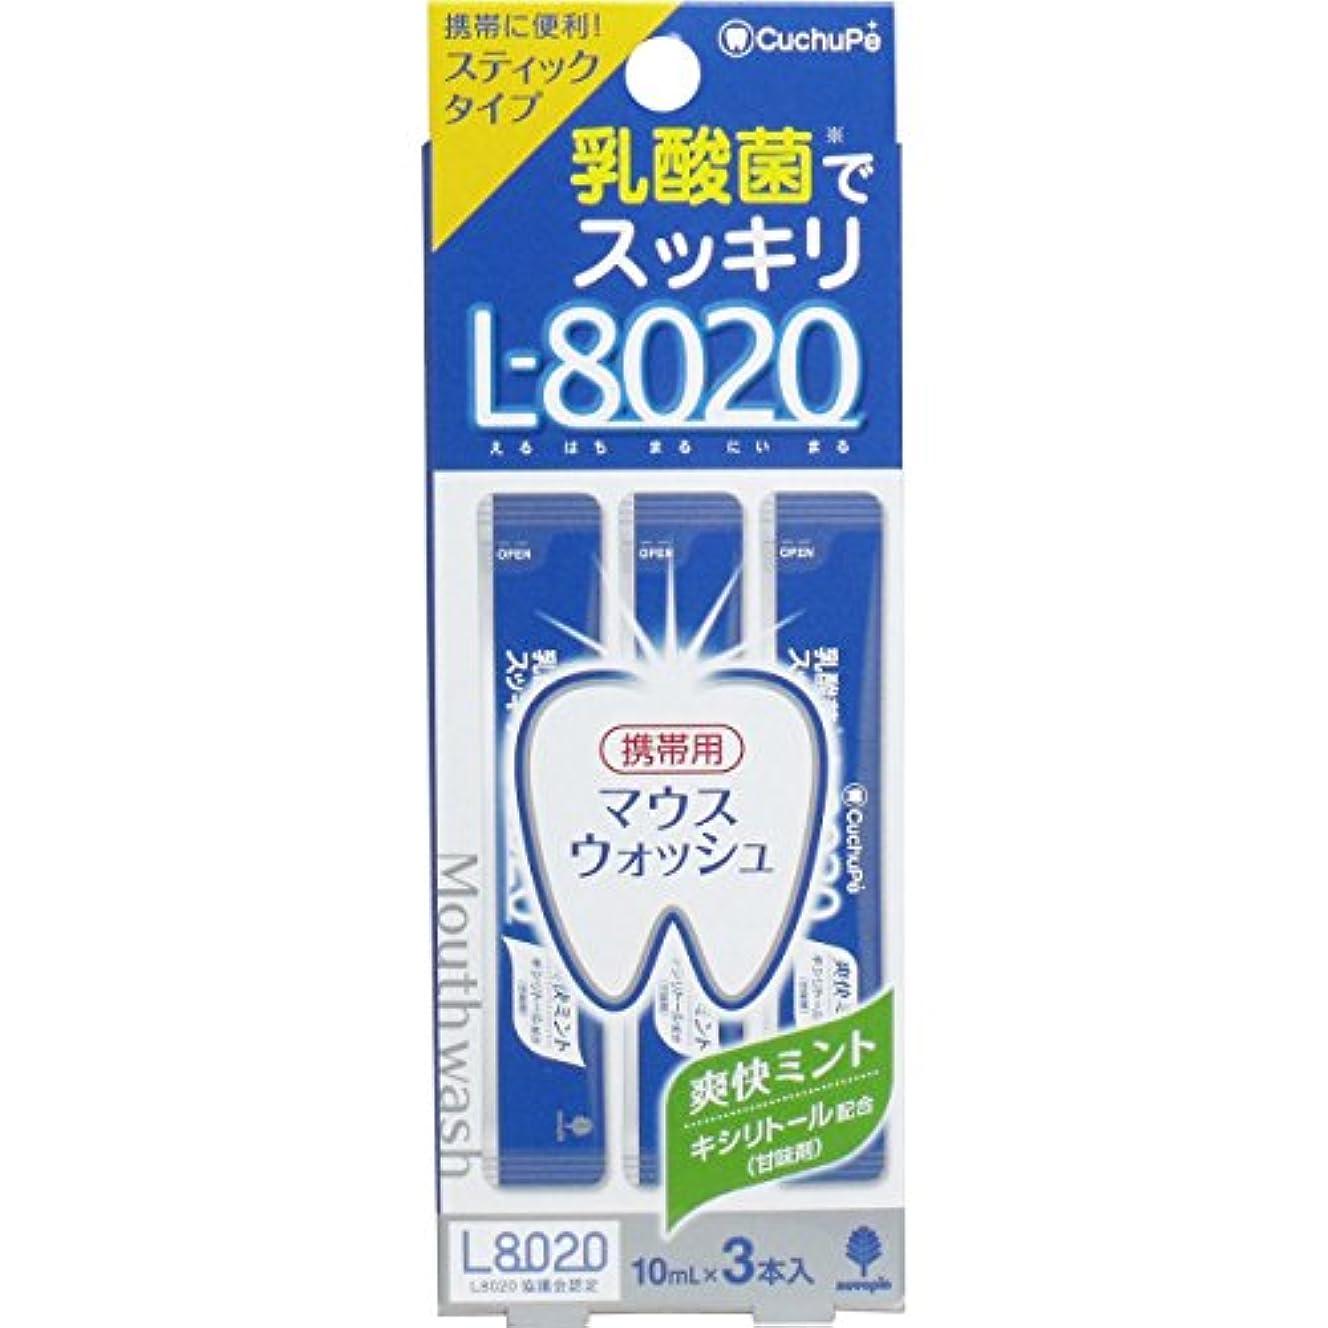 顧問ミルクどうやって紀陽除虫菊 クチュッペ L-8020 マウスウォッシュ 爽快ミント スティックタイプ 10mL*3本入 4971902070872